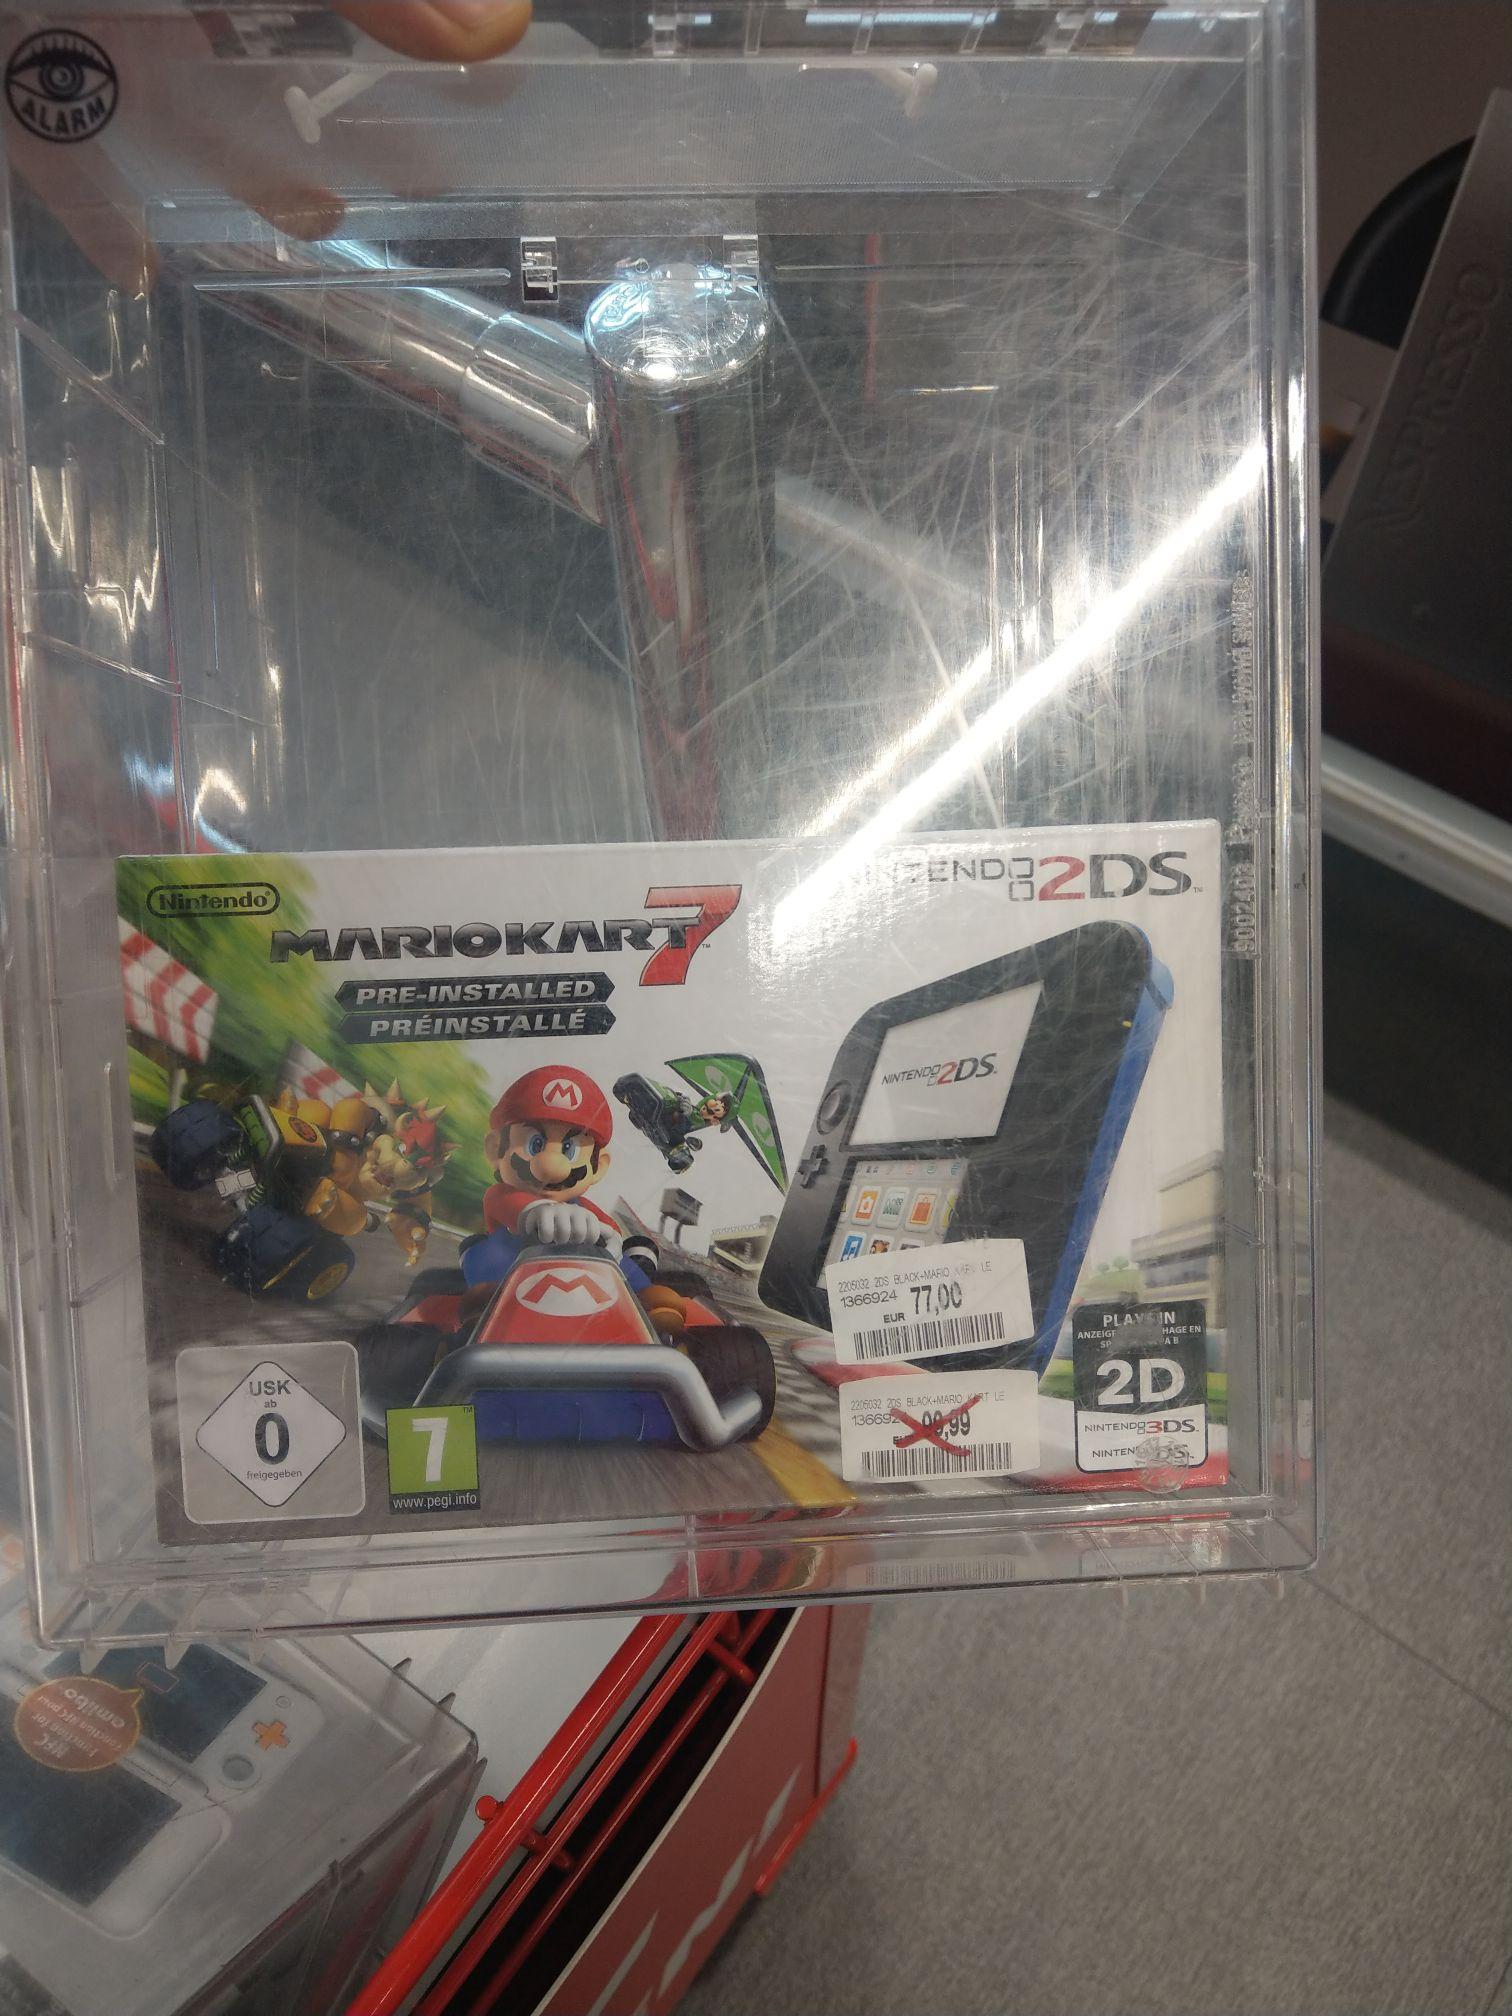 (Lokal) Nintendo 2DS Konsole + Mario Kart 7 (vorinstalliert ), schwarz